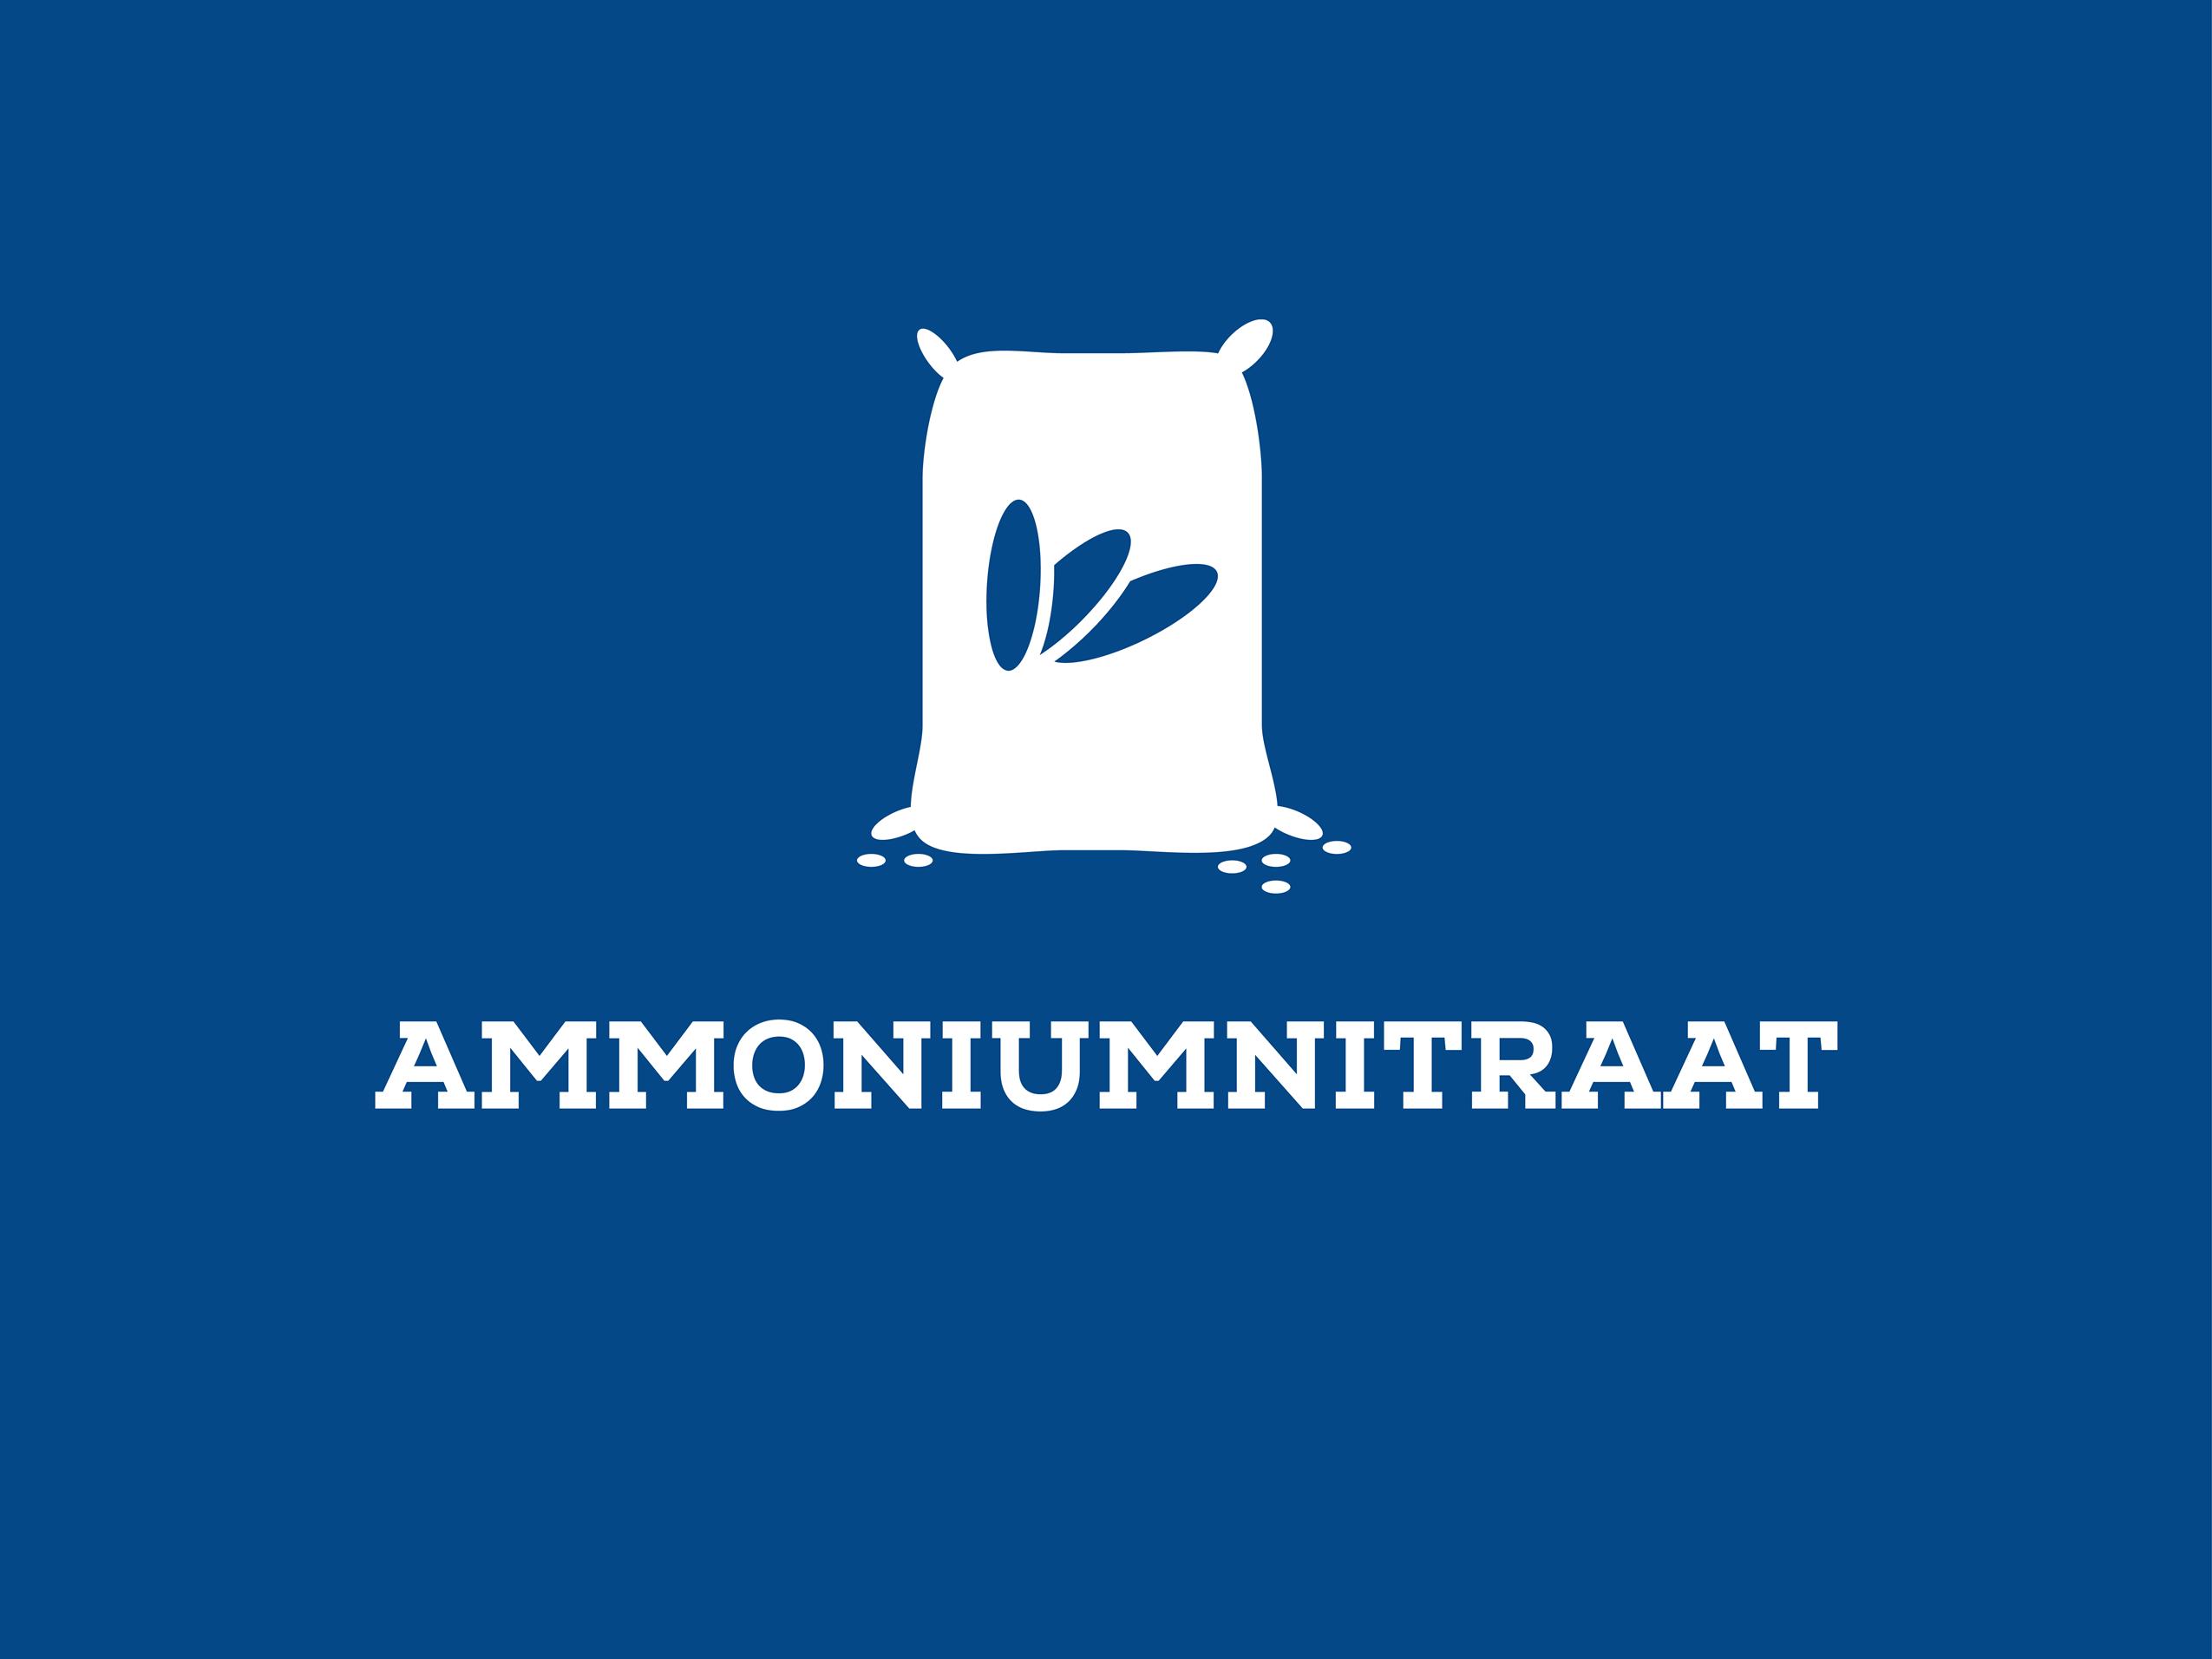 Ammoniumnitraat